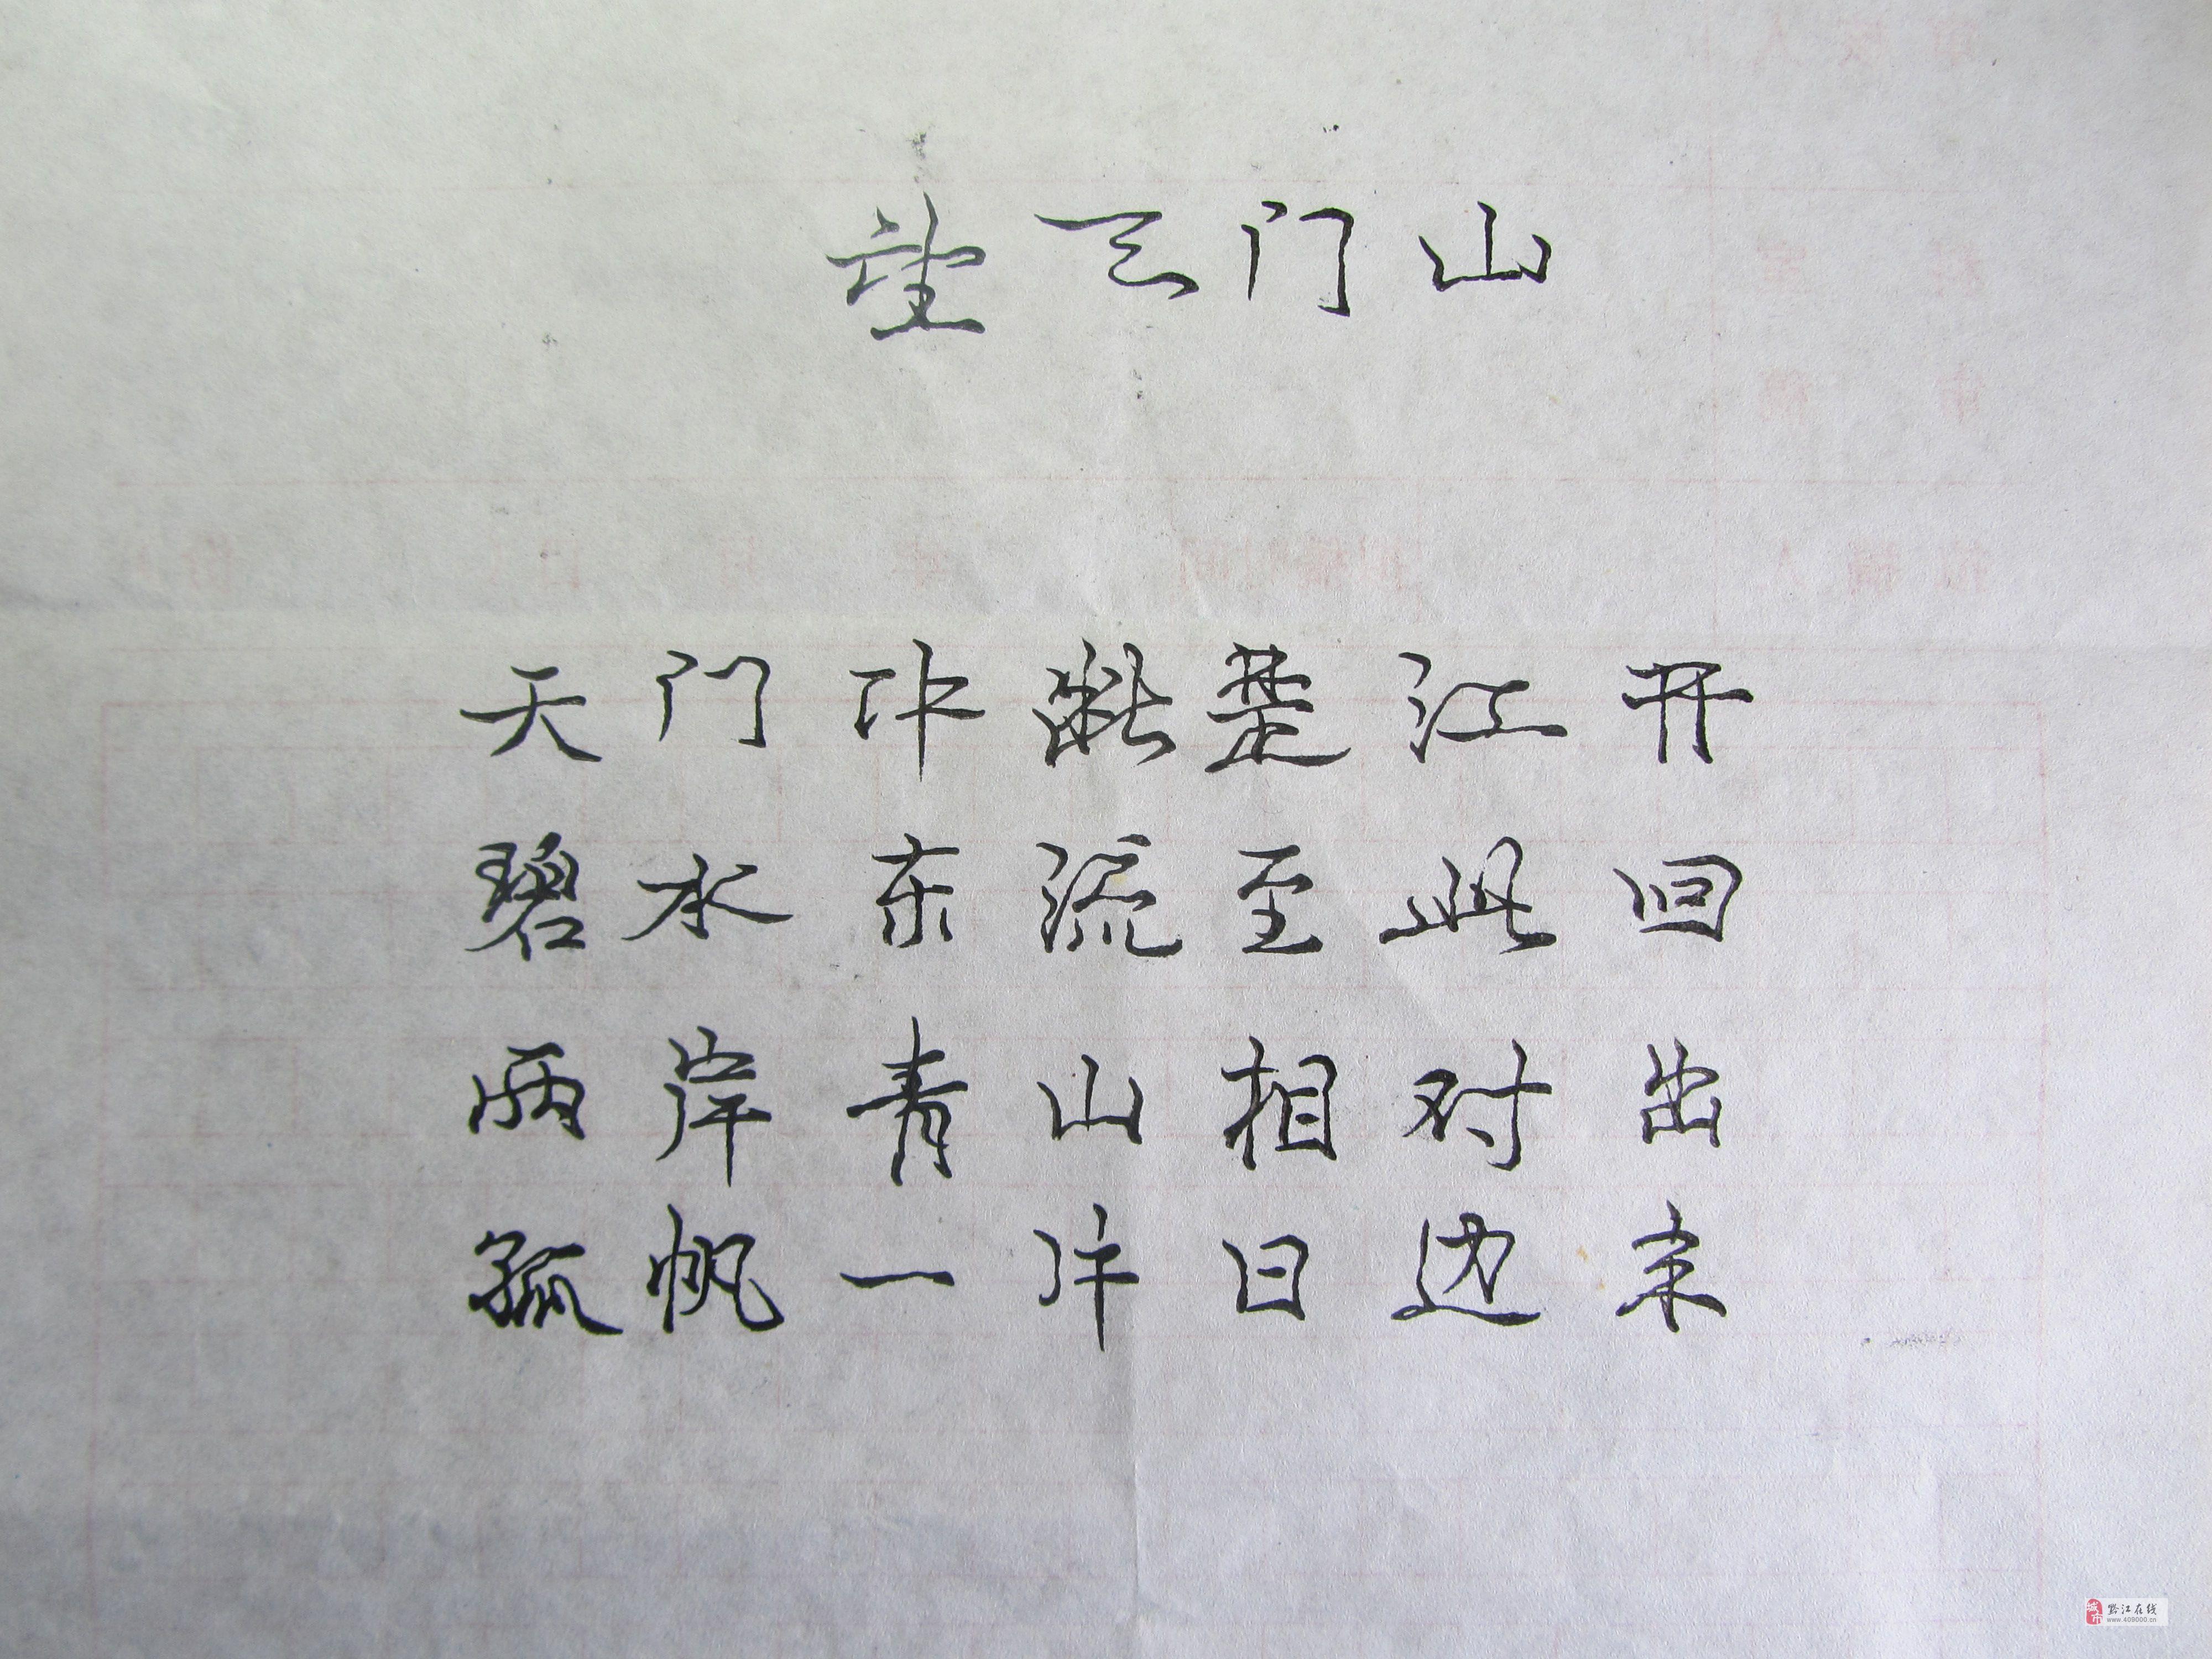 周耀华钢笔书法作品 兰亭序